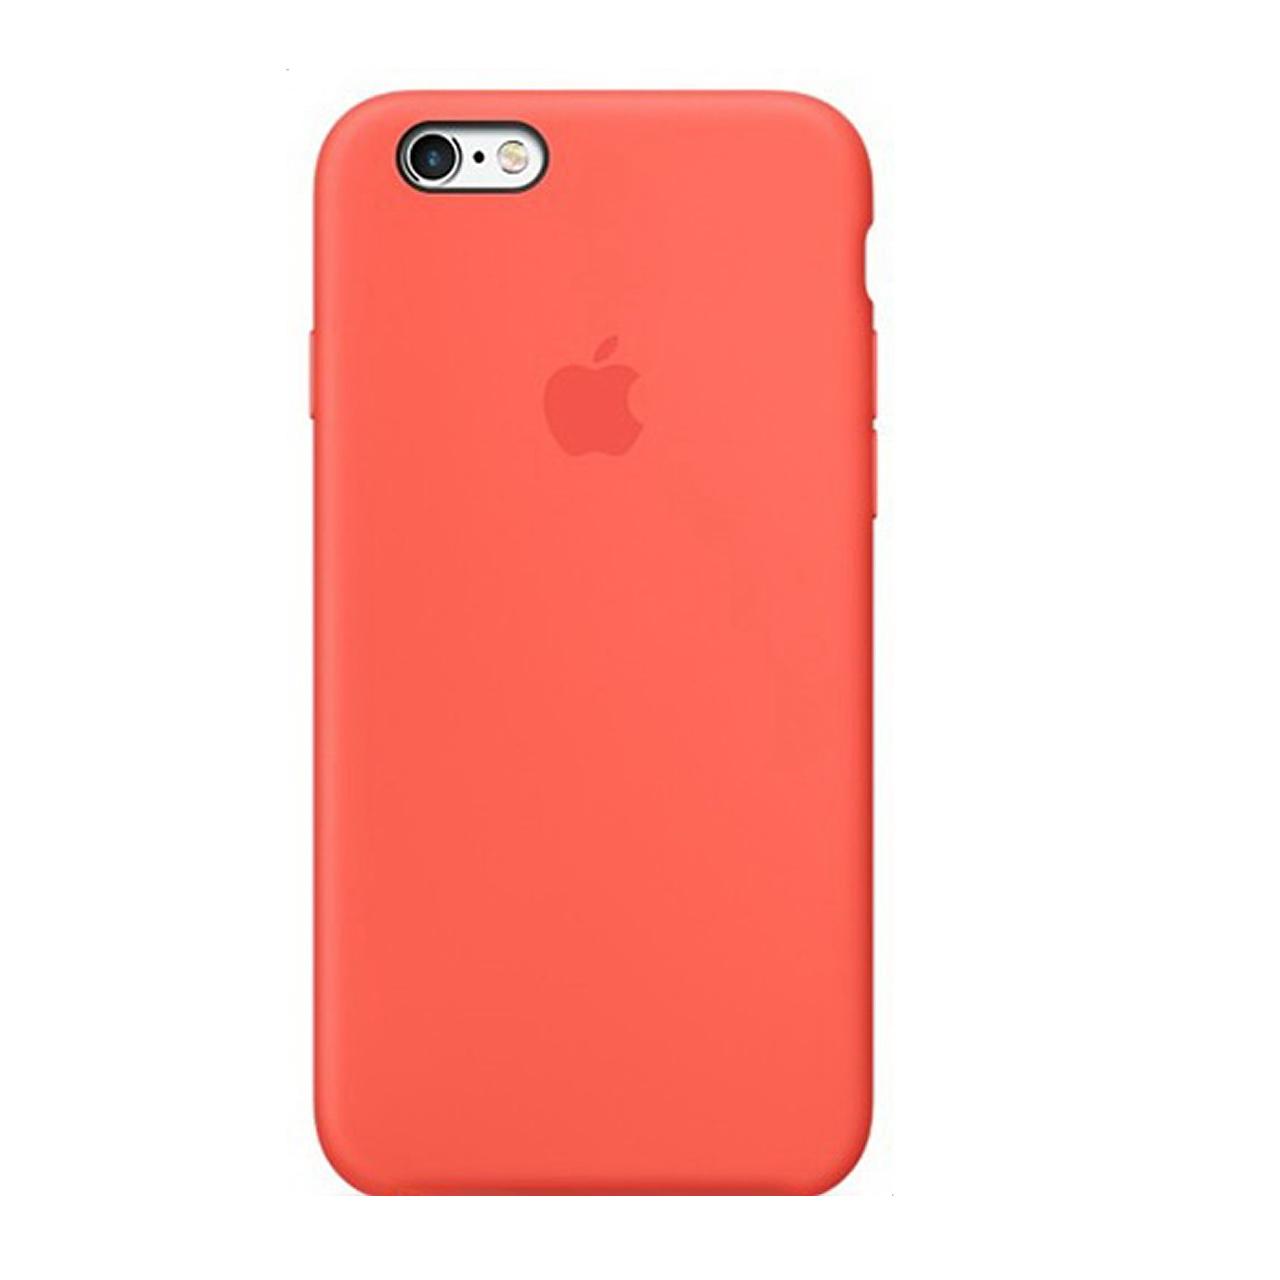 کاور سیلیکونی مدل SC مناسب برای گوشی موبایل اپل آیفون 5S / 5SE              ( قیمت و خرید)